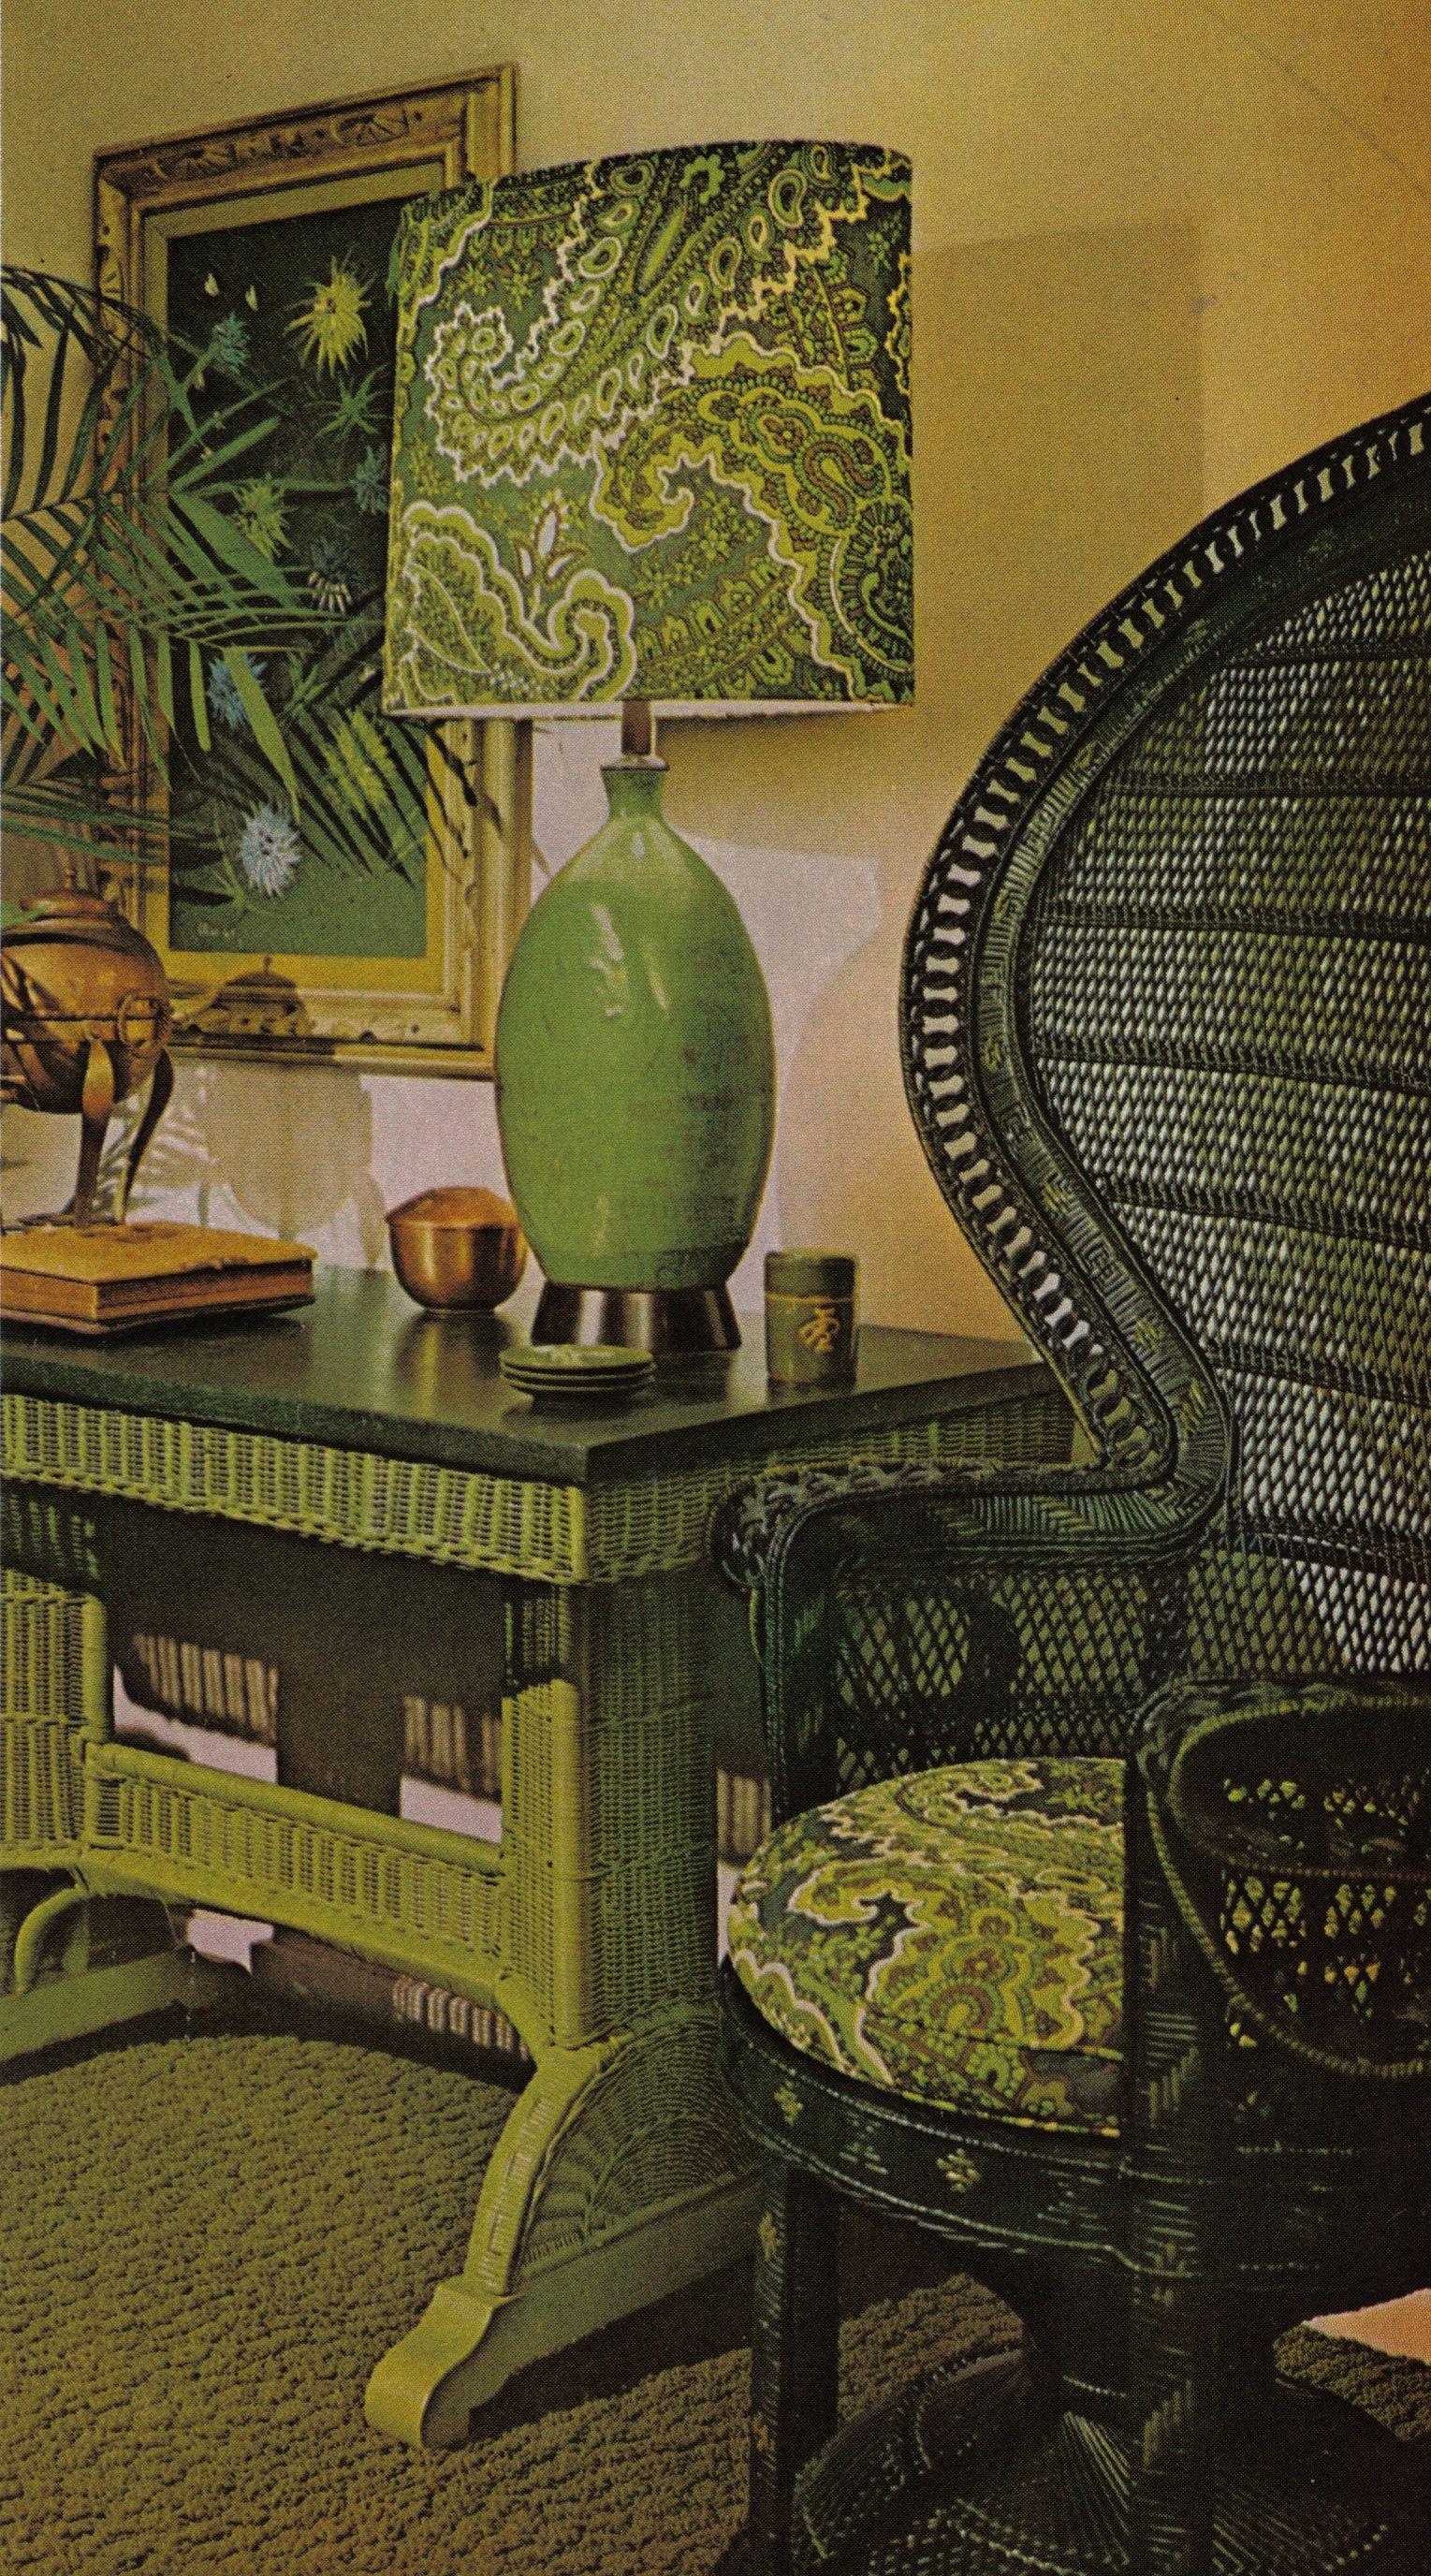 Decorating Ideas Under 100 1971 Vintage Decor Decor 70s